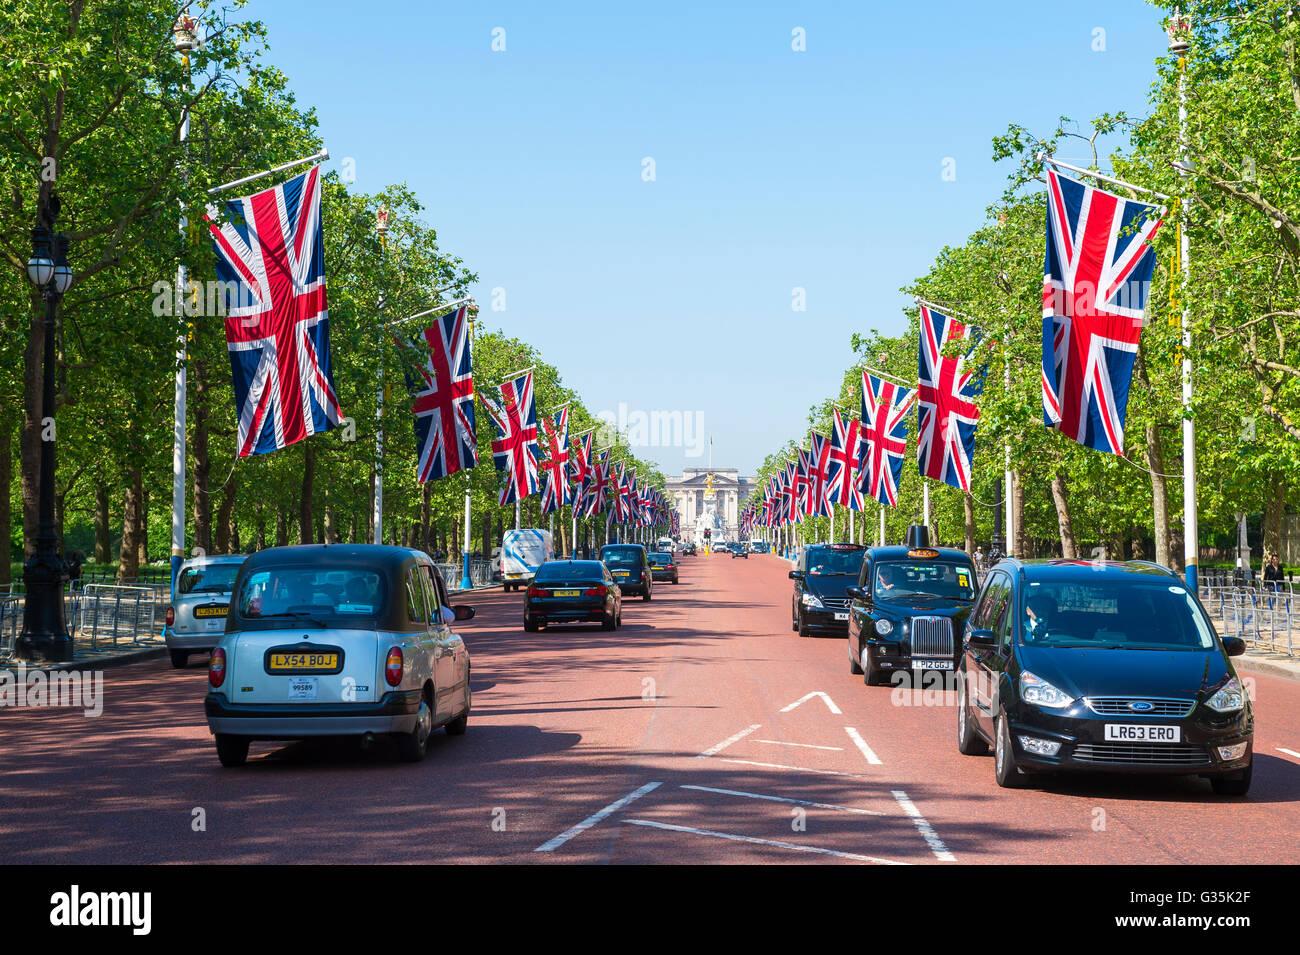 Londres - Junio 6, 2016: el tráfico pasa a lo largo del Mall, un viaducto conecta el palacio de Buckingham Imagen De Stock